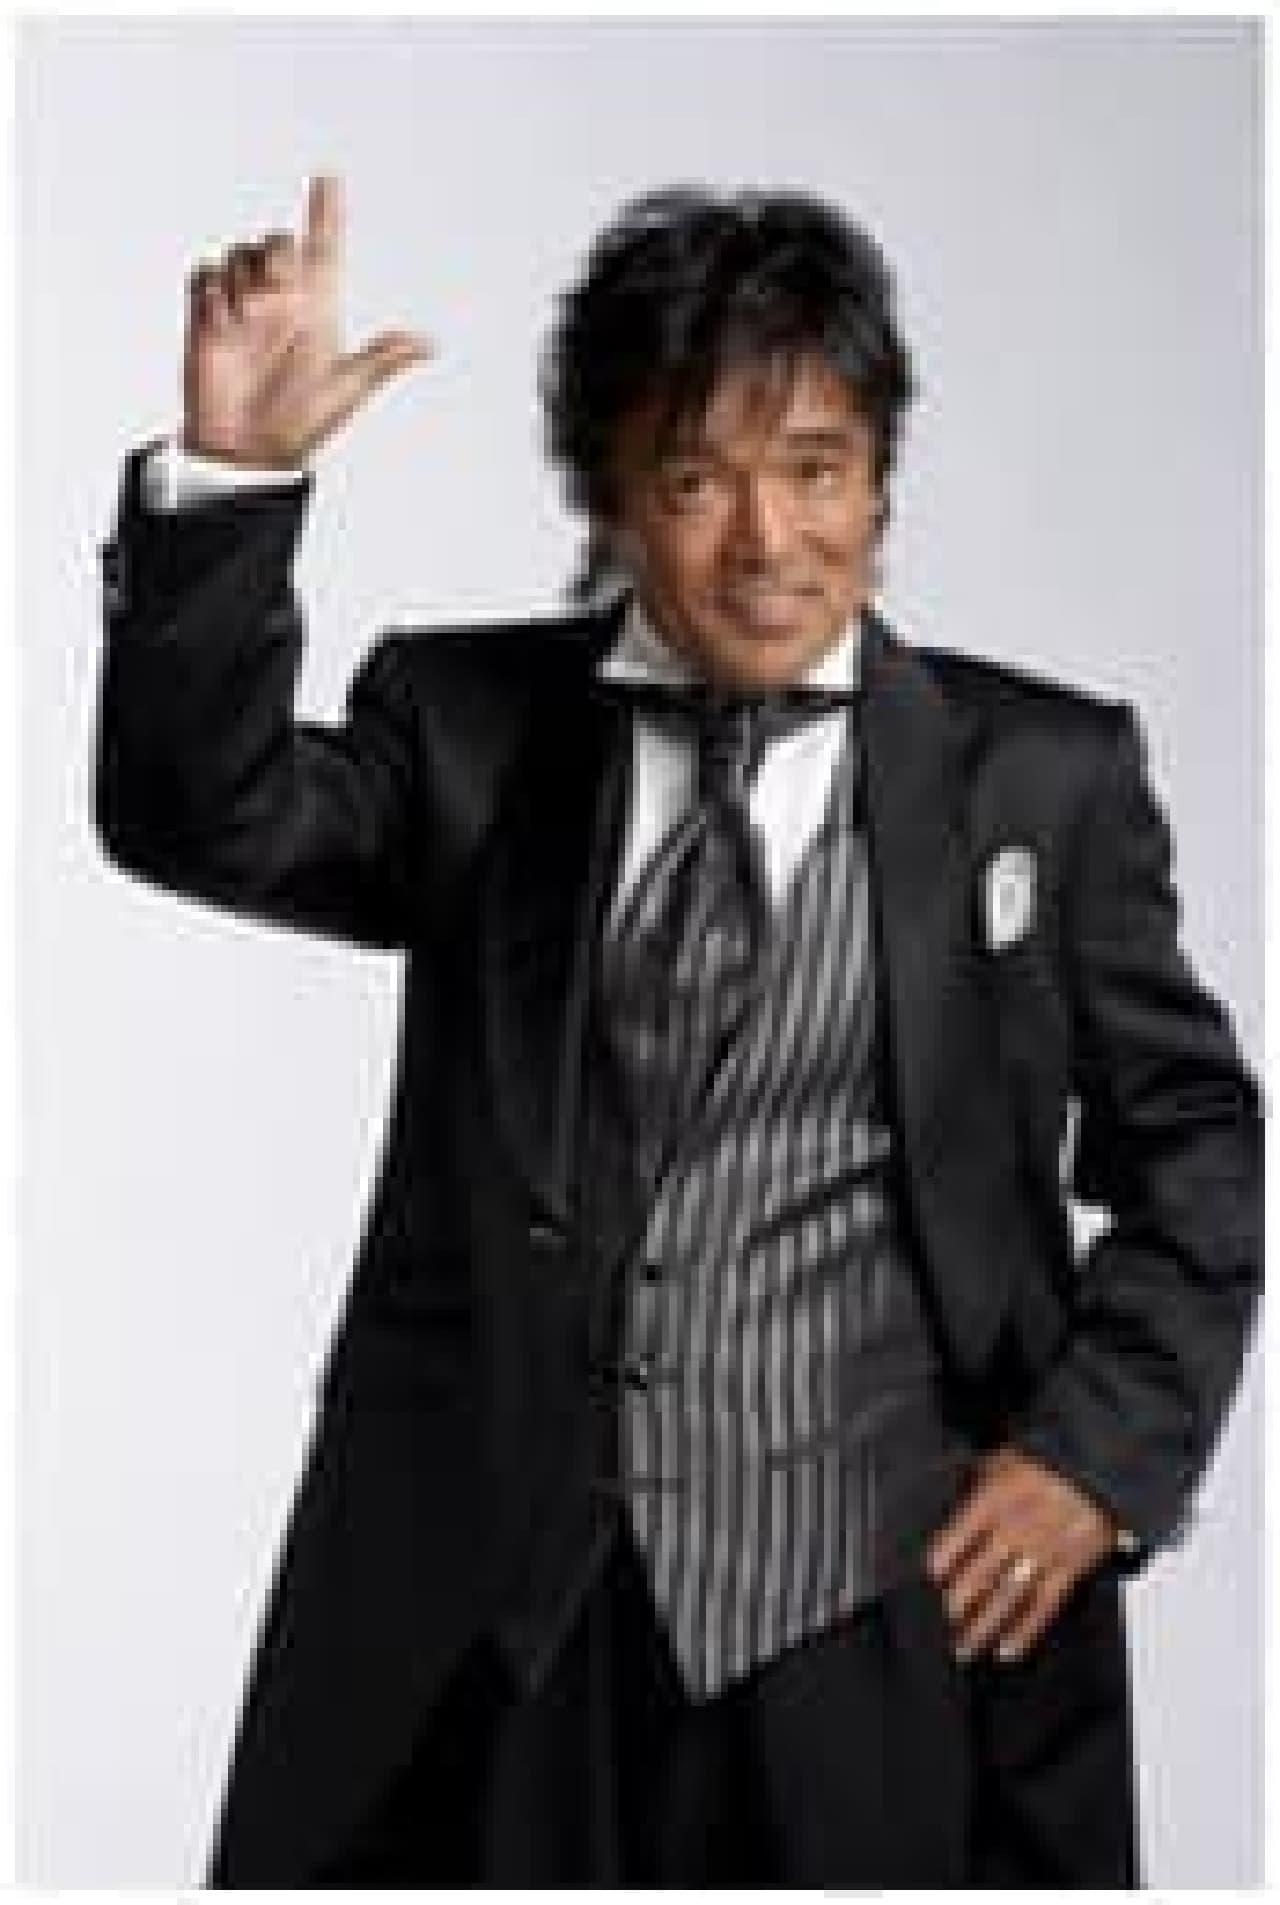 松崎さん、元気を有難うございます!